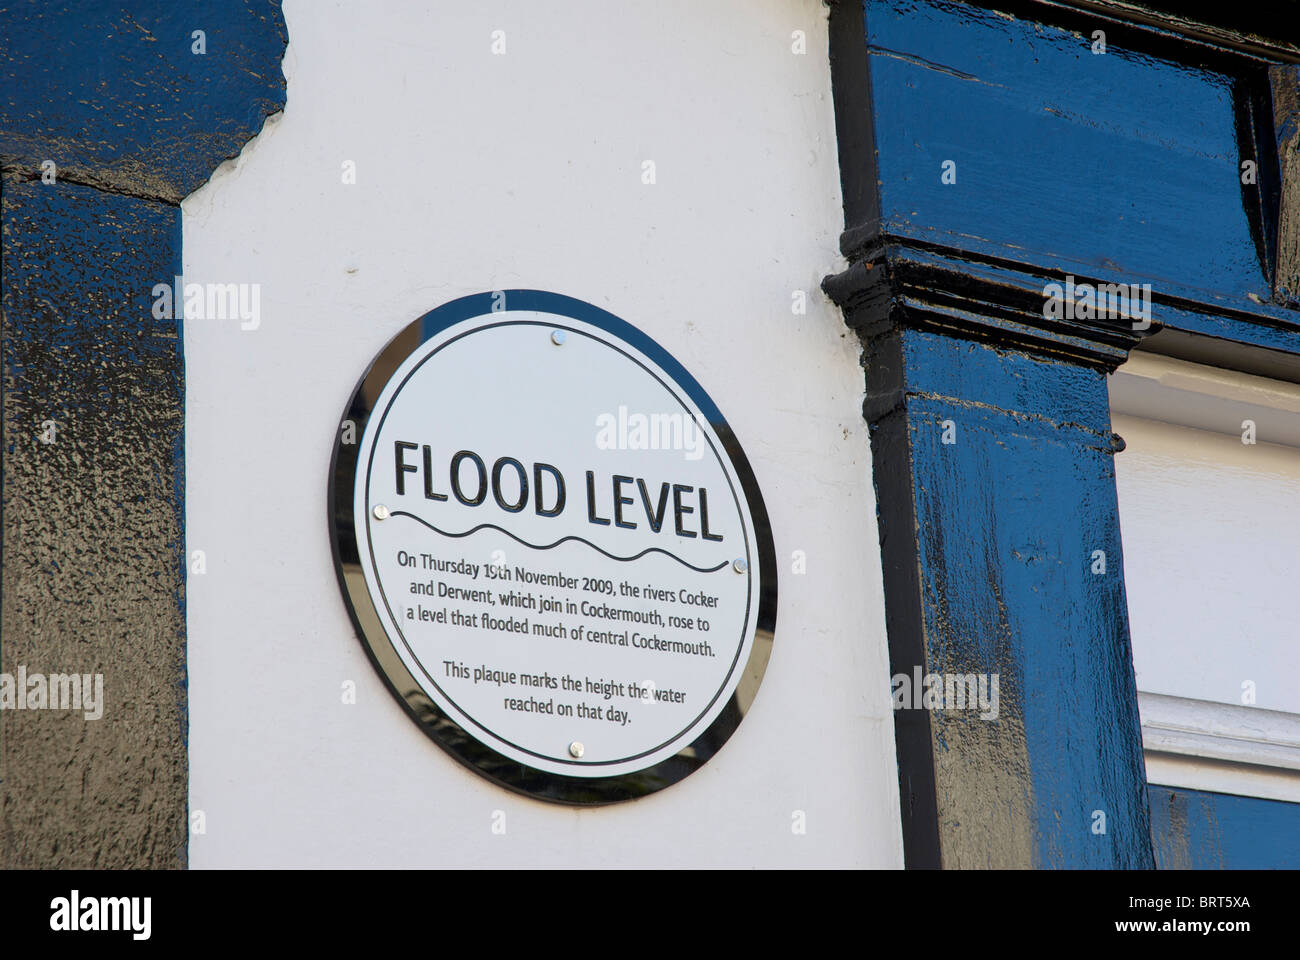 Plaque indiquant la hauteur de la crue, en novembre 2009, Cockermouth, Cumbria, Angleterre Royaume-uni Ouest Photo Stock